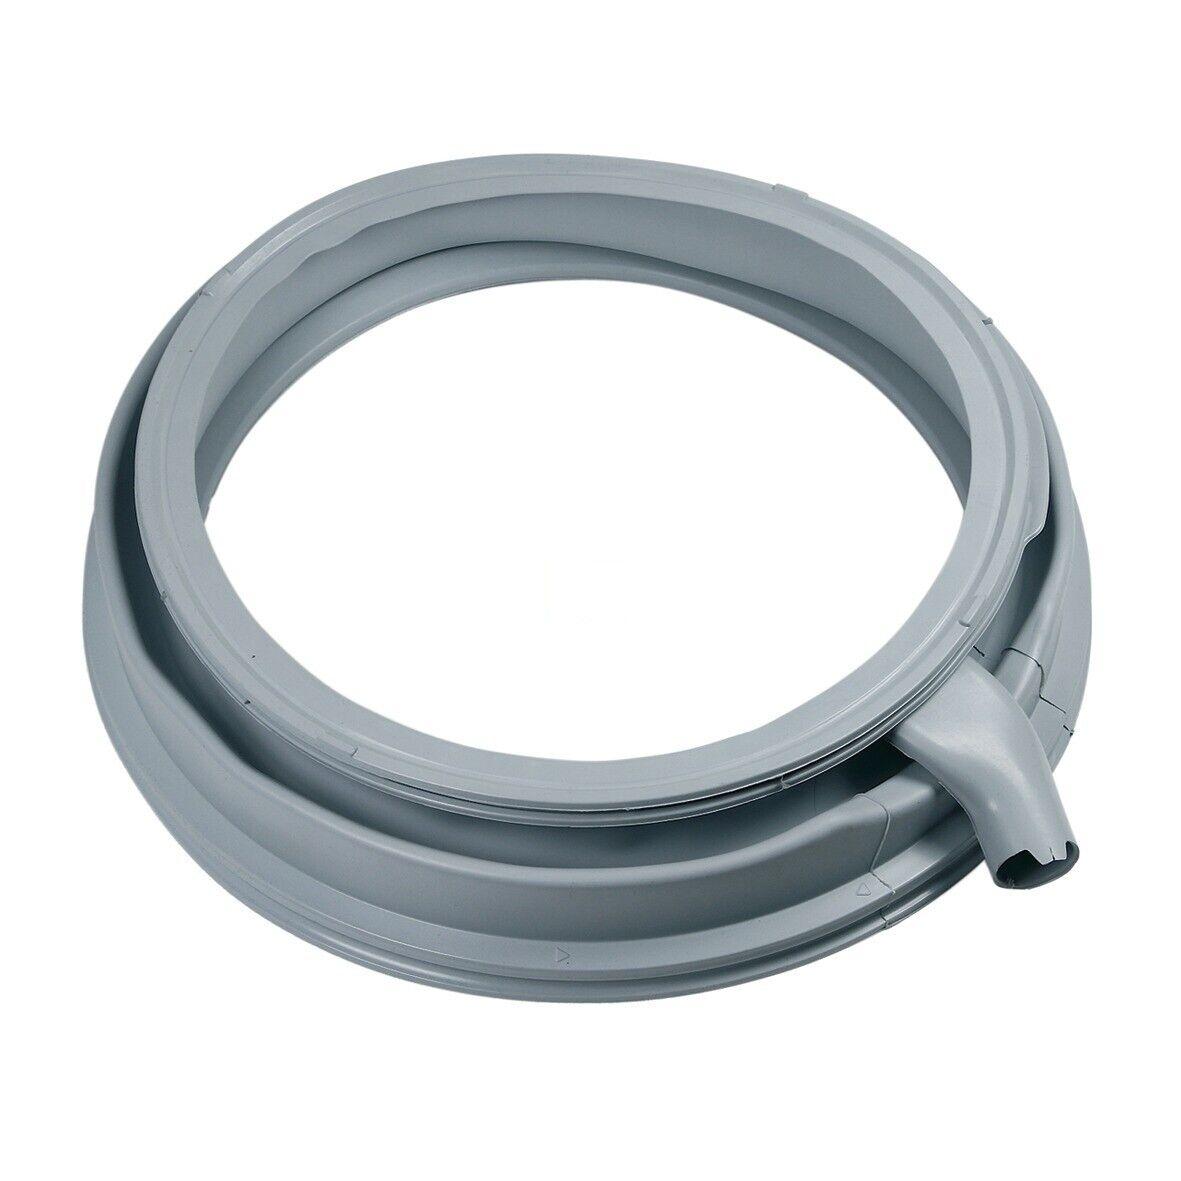 Siemens Neff Türdichtung 4-seitig 00754066 754066 Bosch